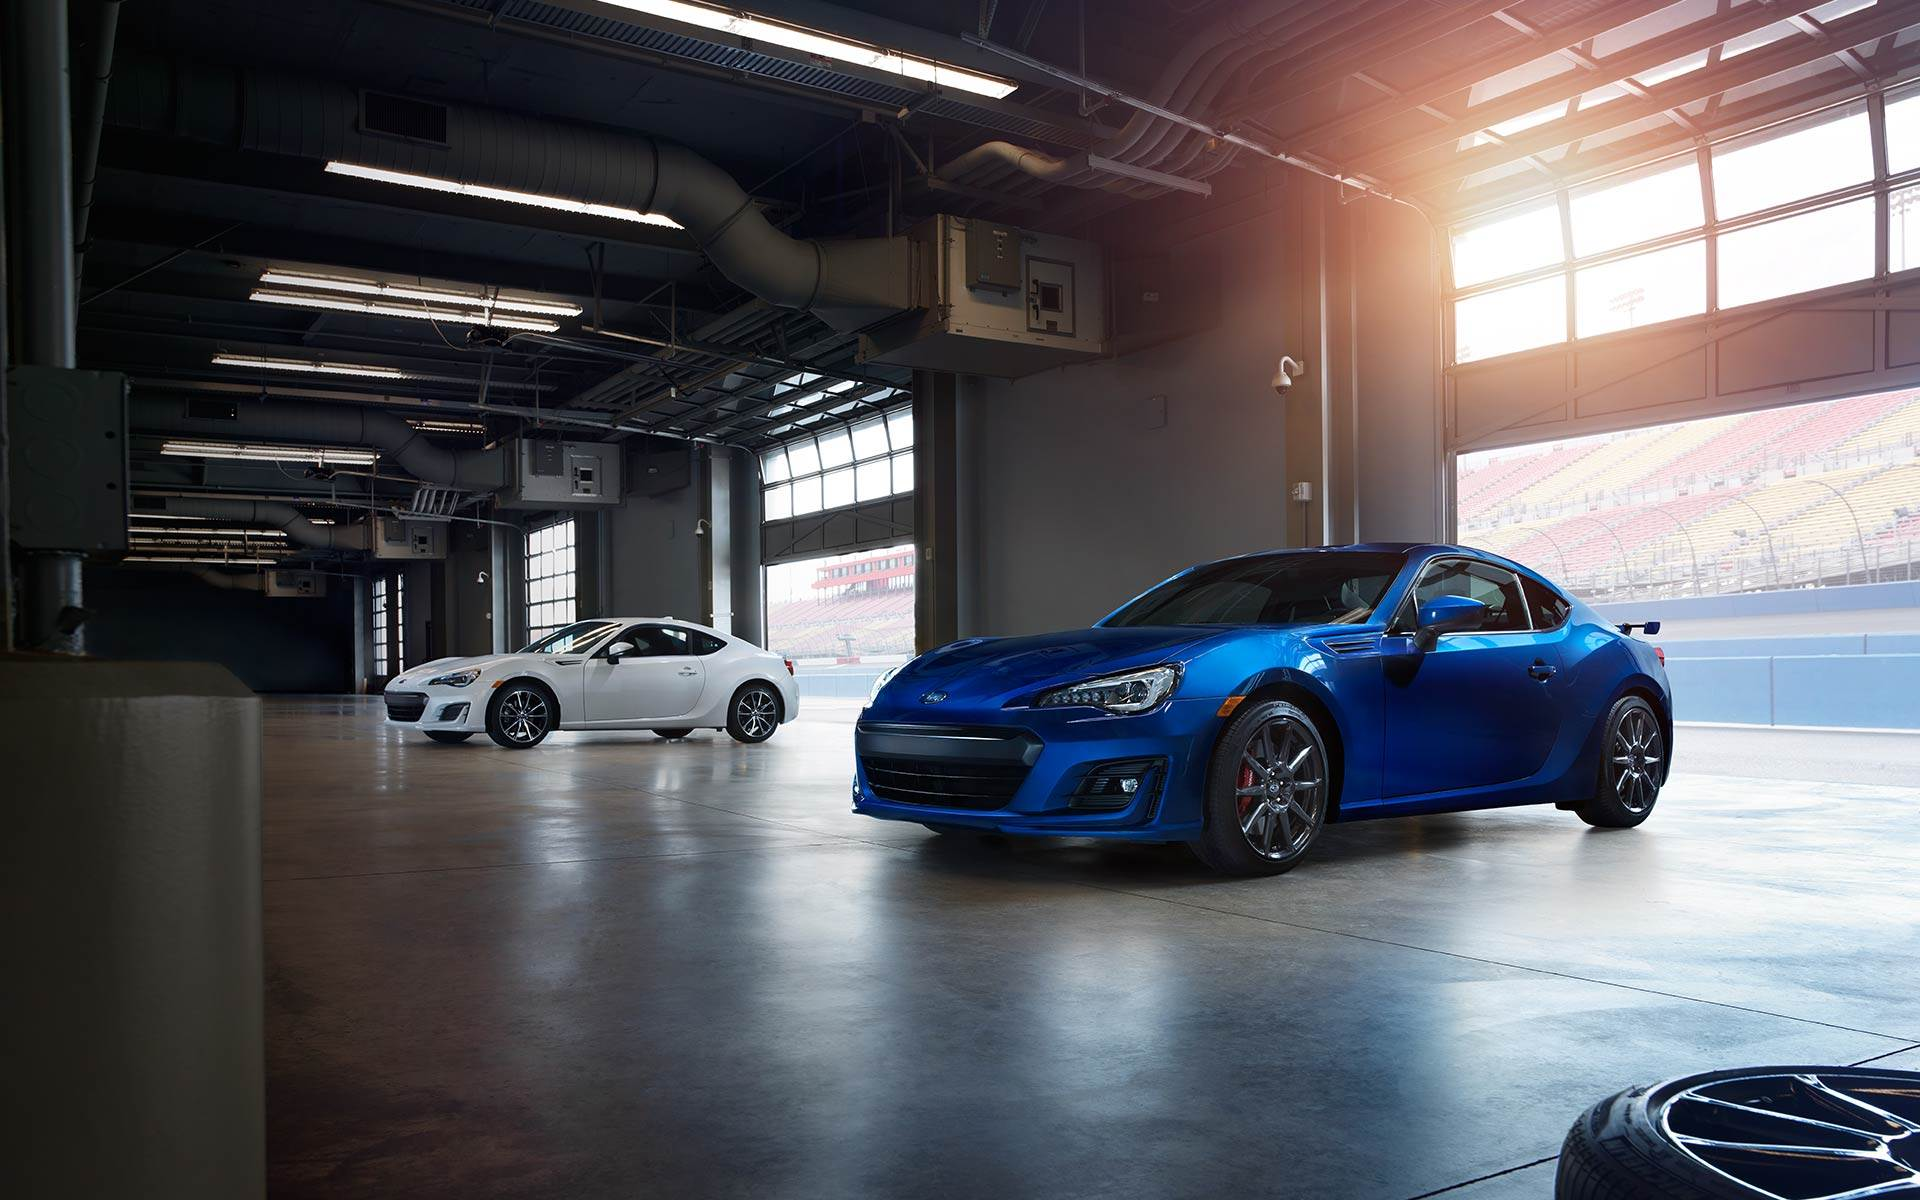 2018 Subaru Brz For Sale In Reno Michael Hohl Subaru